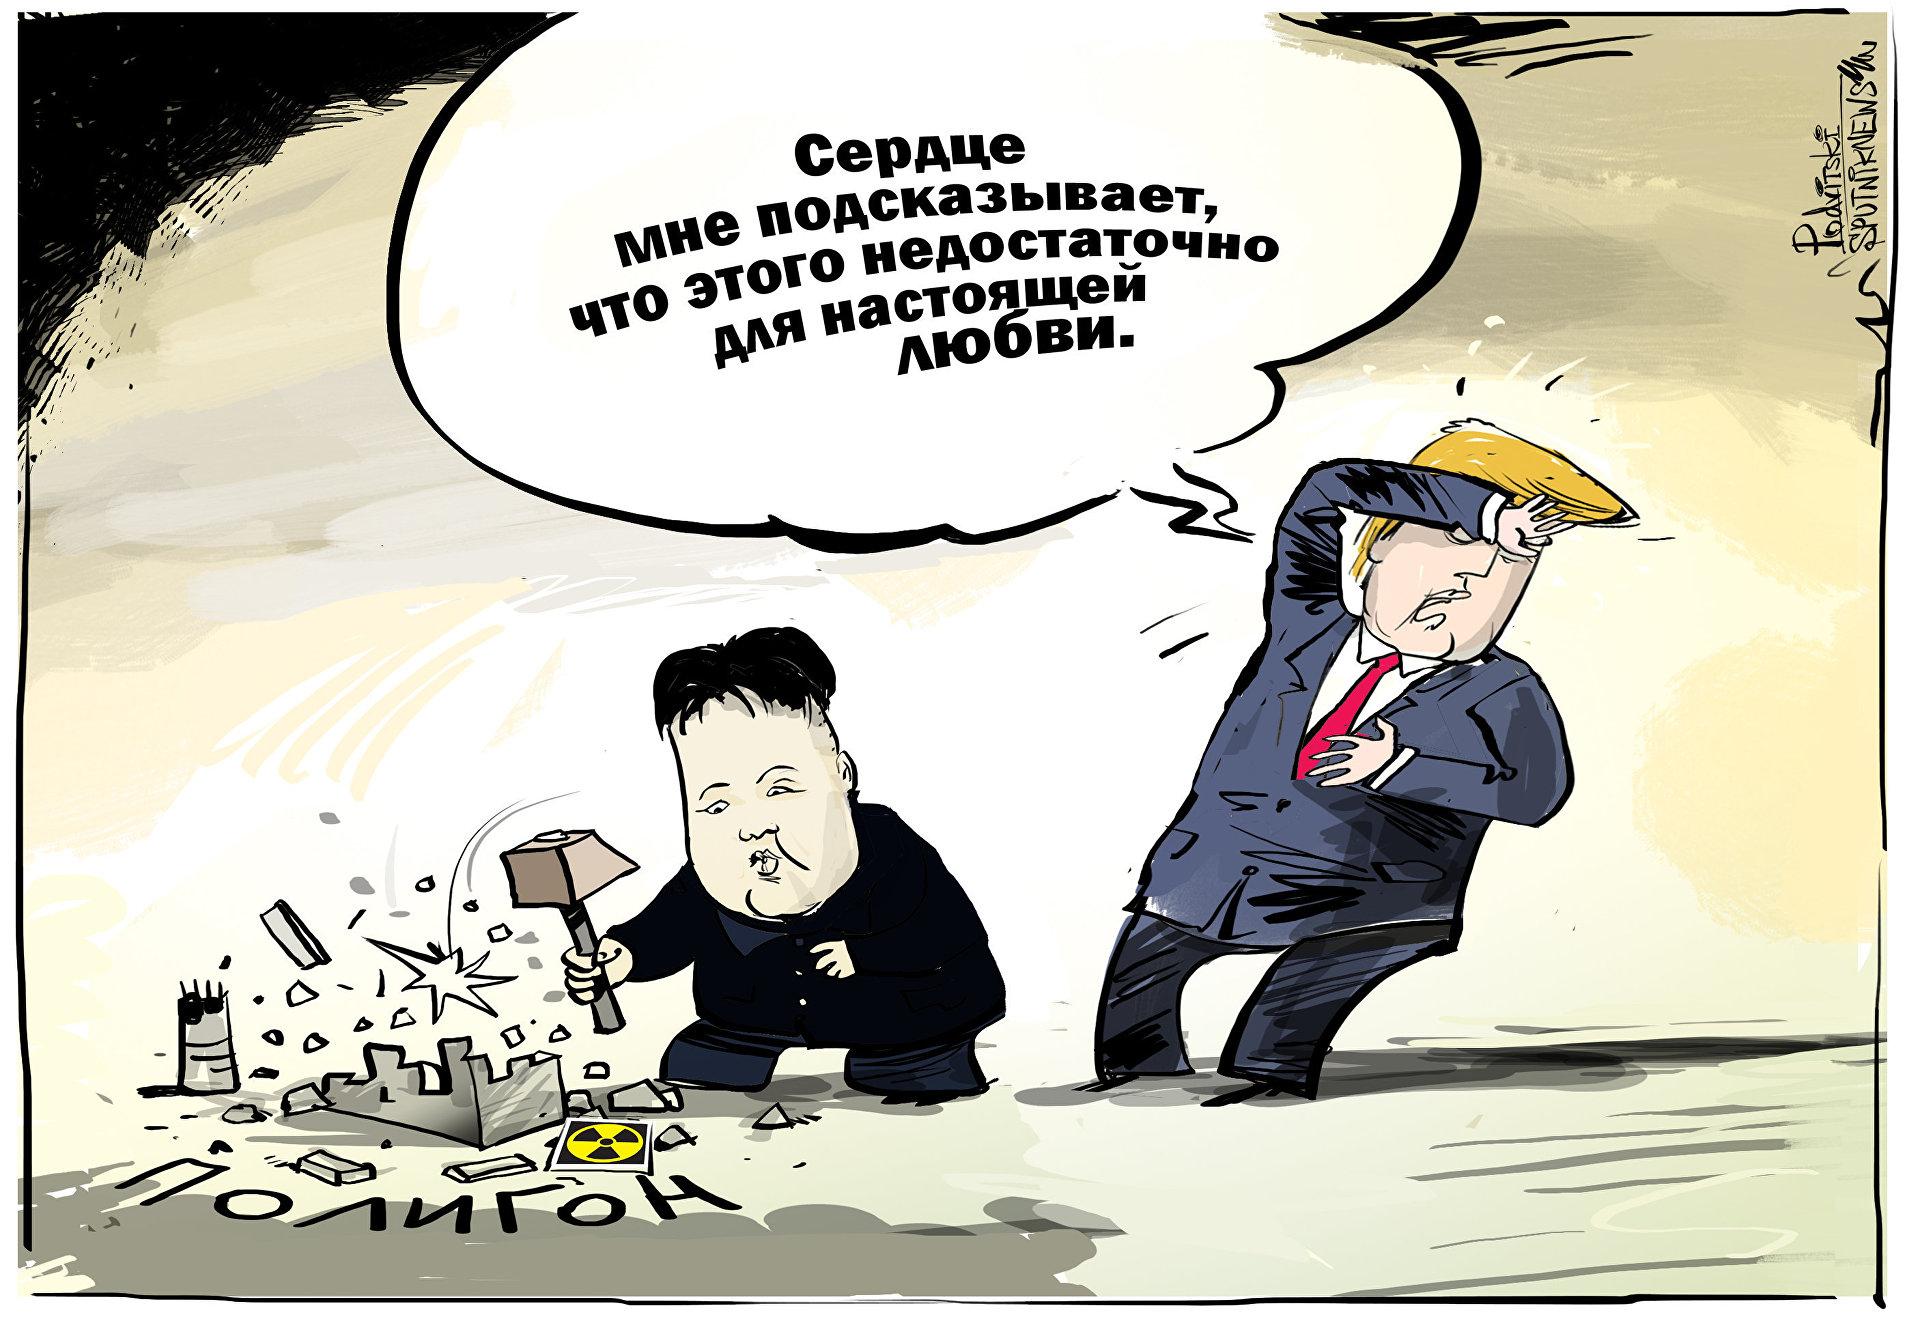 «Интерфакс»: Ким Чен Ын обязался работать над полной денуклеаризацией, а США дадут гарантии безопасности